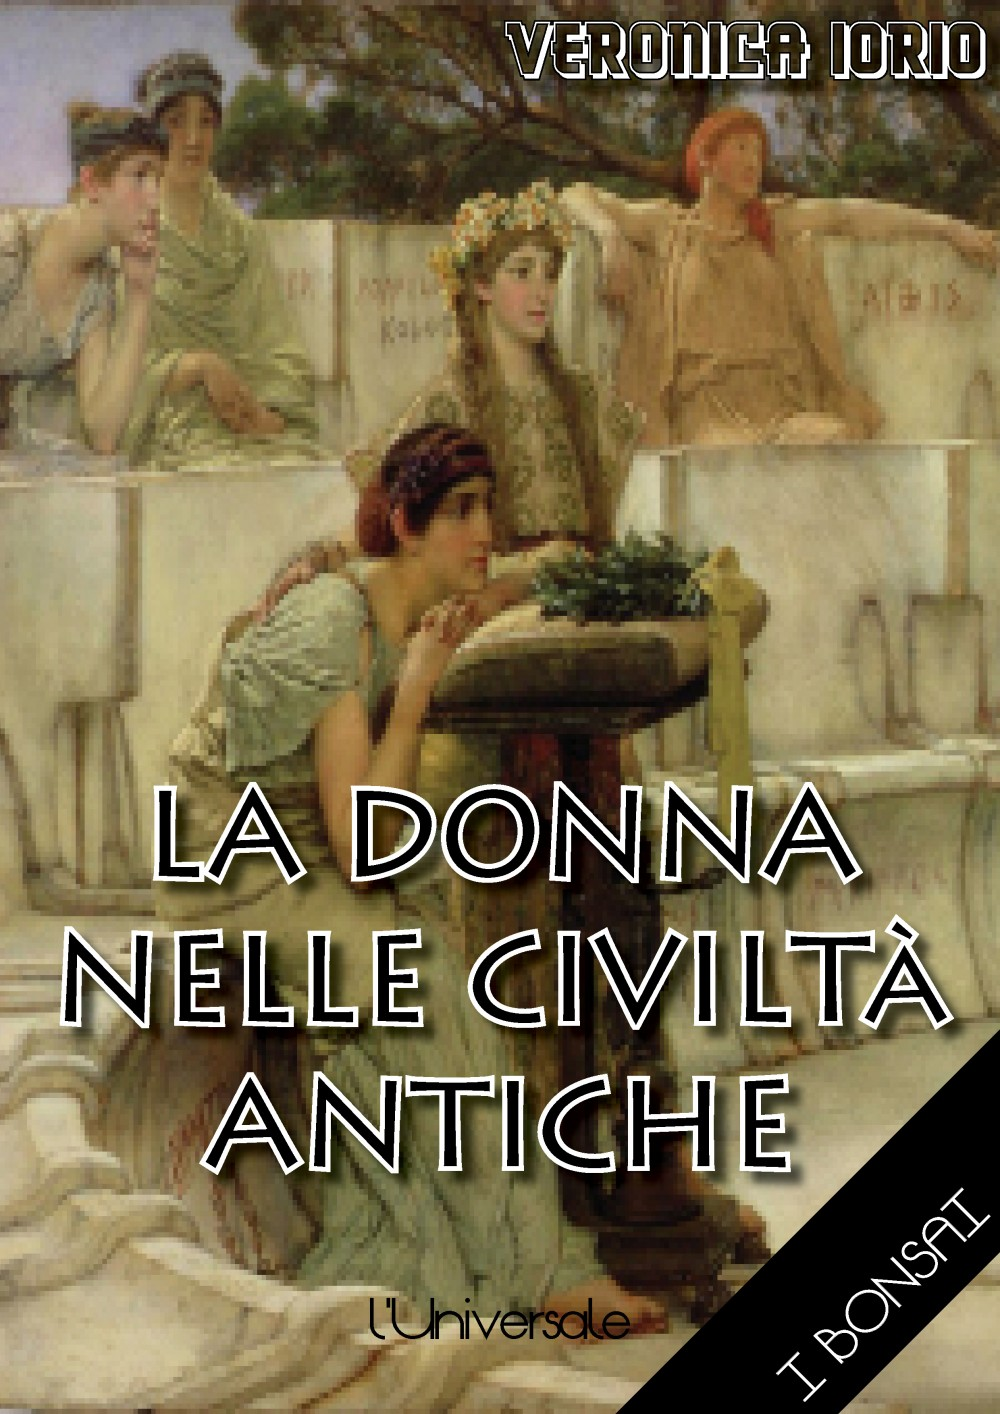 La donna nelle civiltà antiche bassa definizione